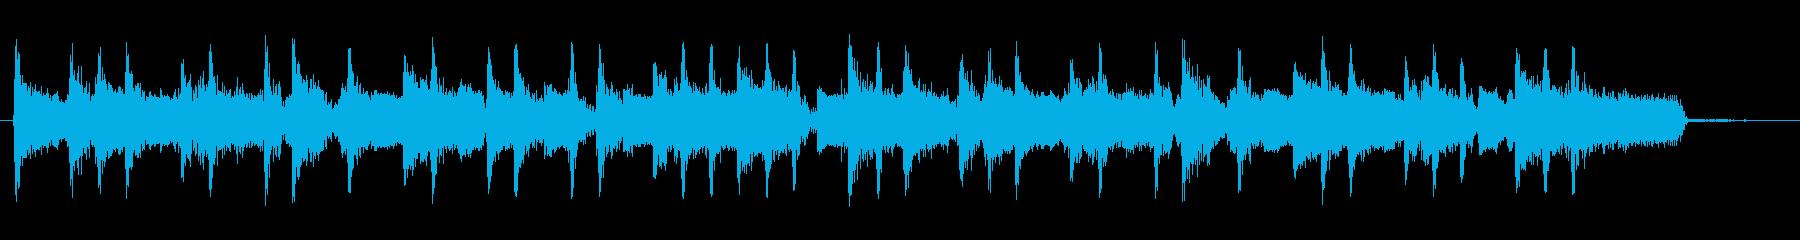 軽快なカッティングギターとドラムジングルの再生済みの波形